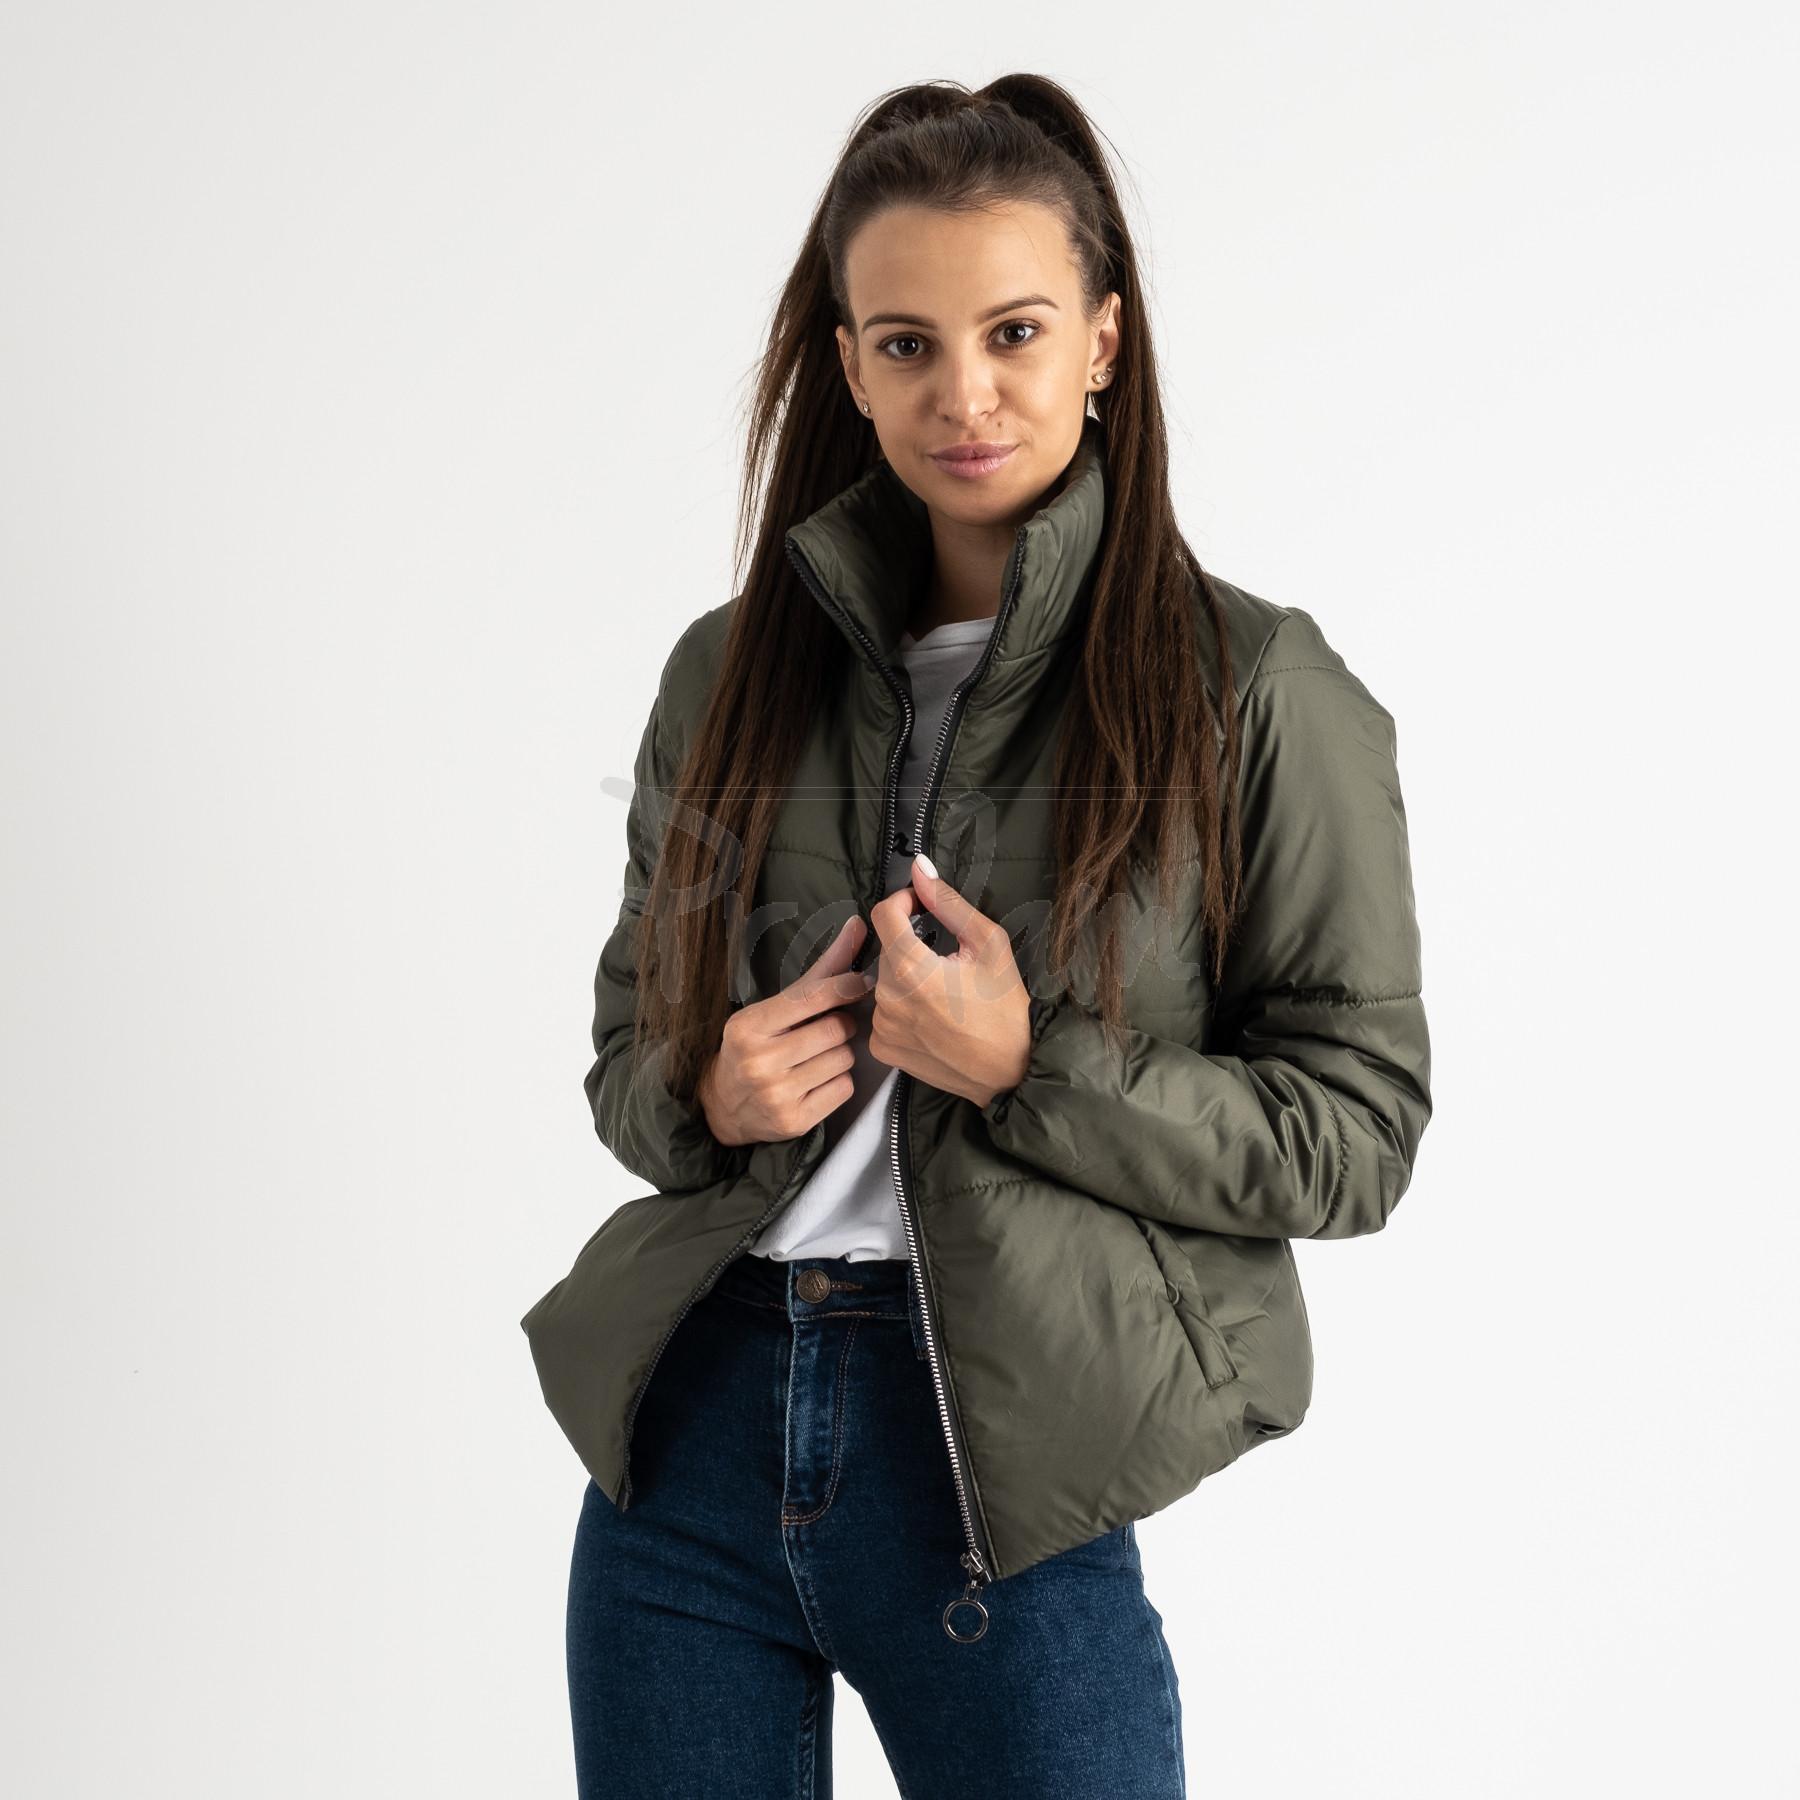 0410-4 хаки куртка женская на синтепоне ( 3 ед. размеры : 42.44.46)